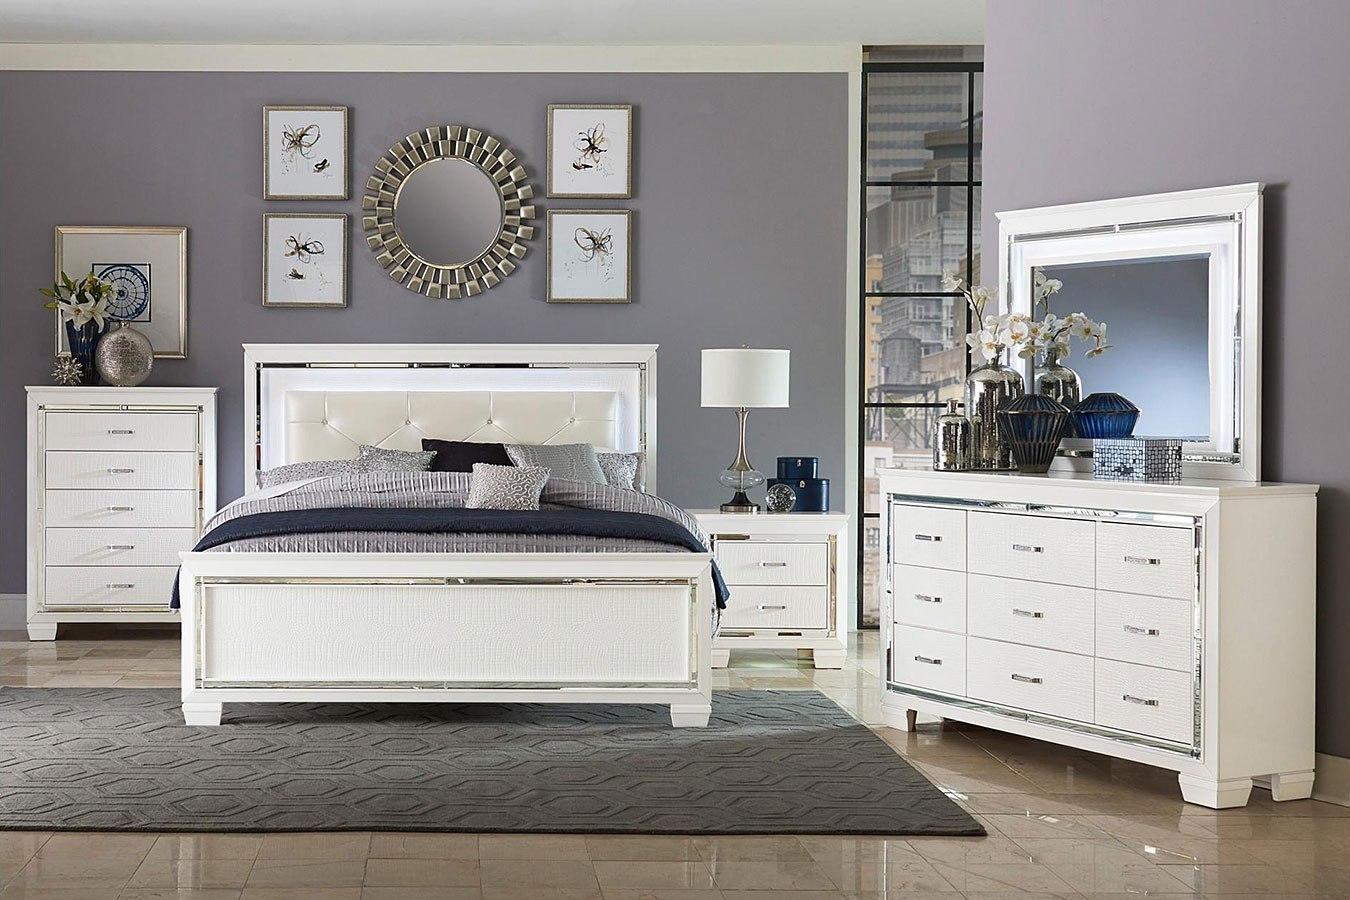 Allura Panel Bedroom Set W Led Lighting White By Homelegance Furniturepick